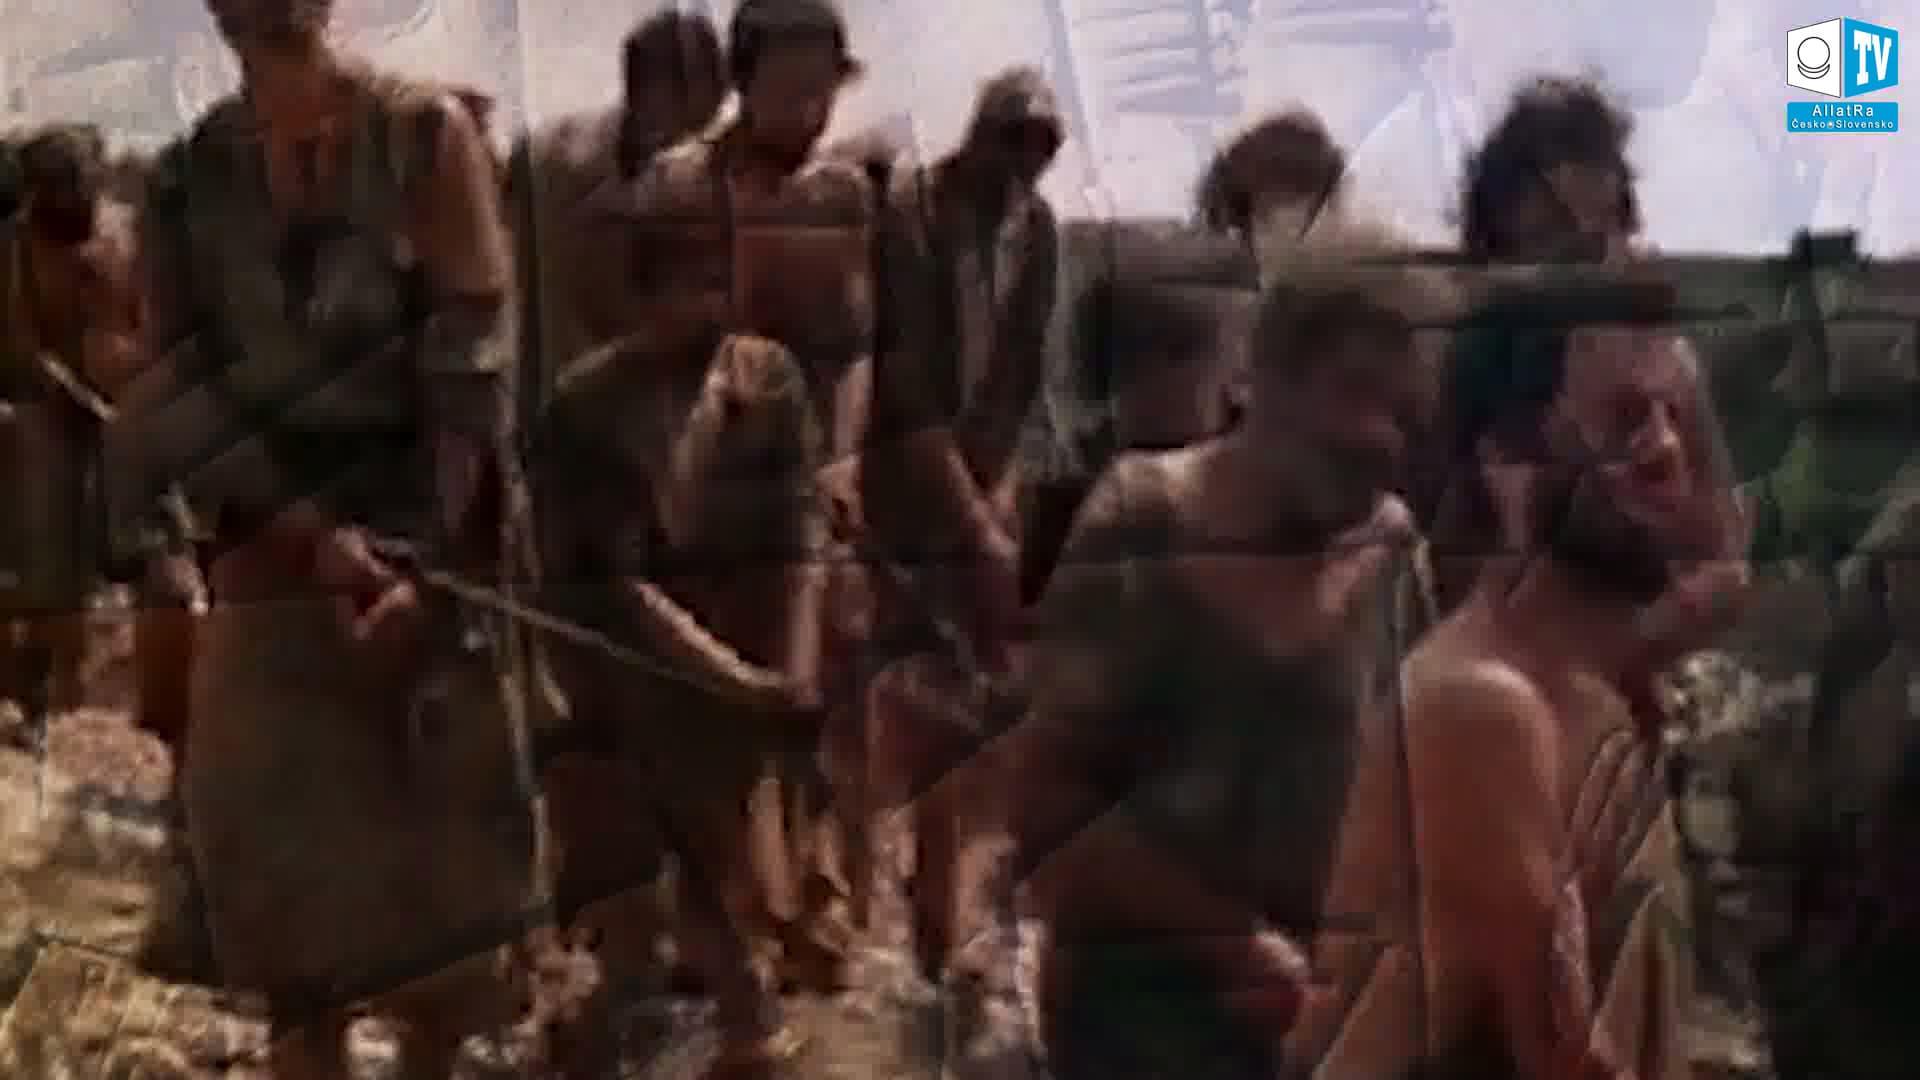 Pracovní síla - otroci. Foto